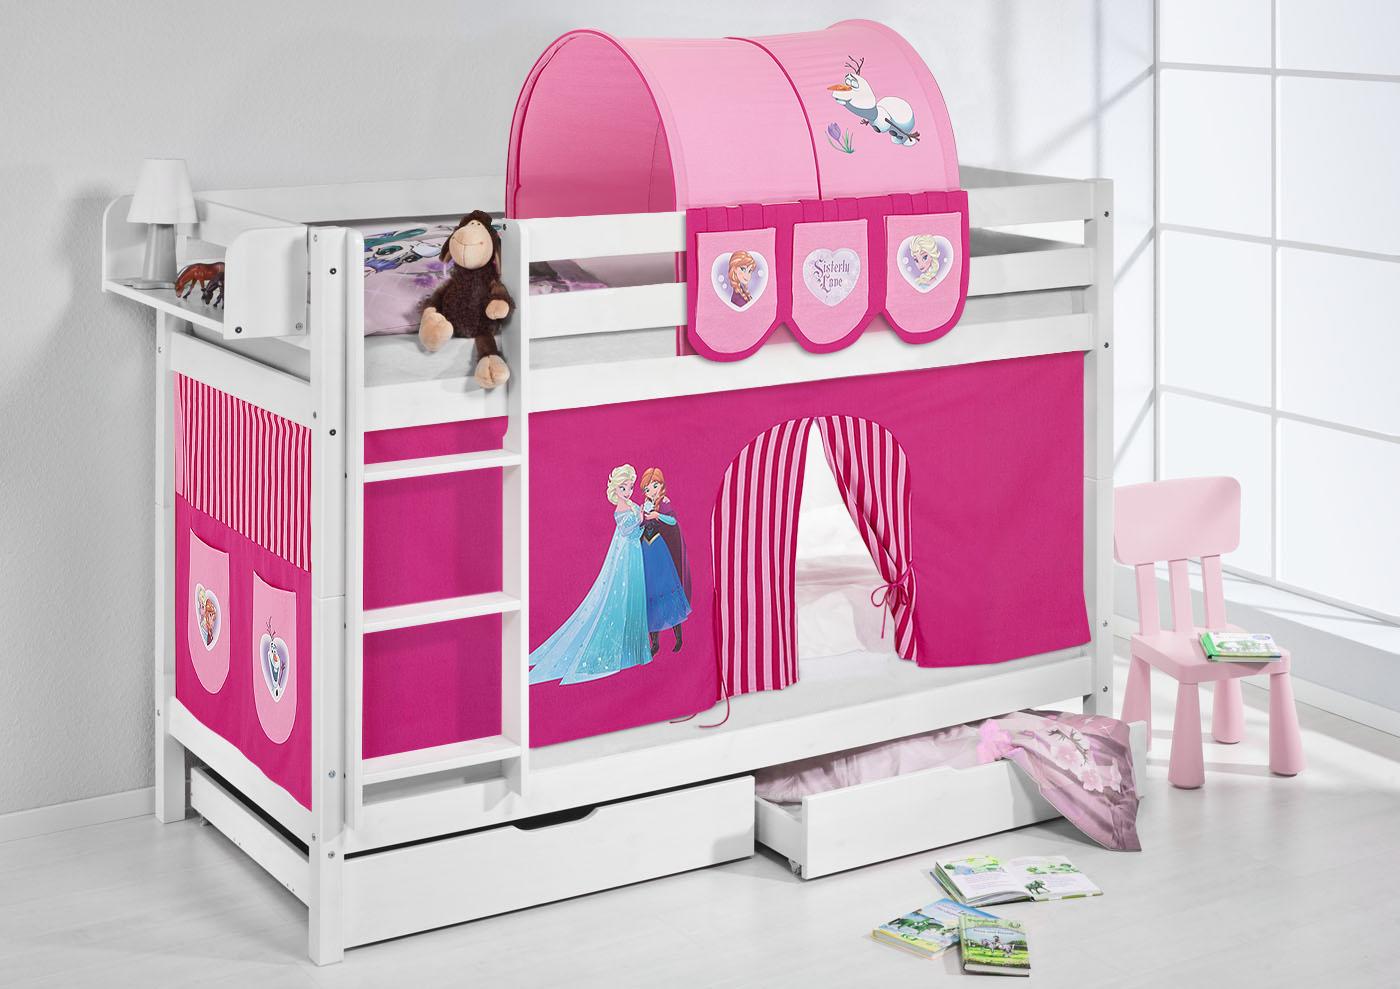 Lits superpos s mezzanine de lit enfants lit en massif pin jelle blanc rideau ebay - Rideau lit superpose ...